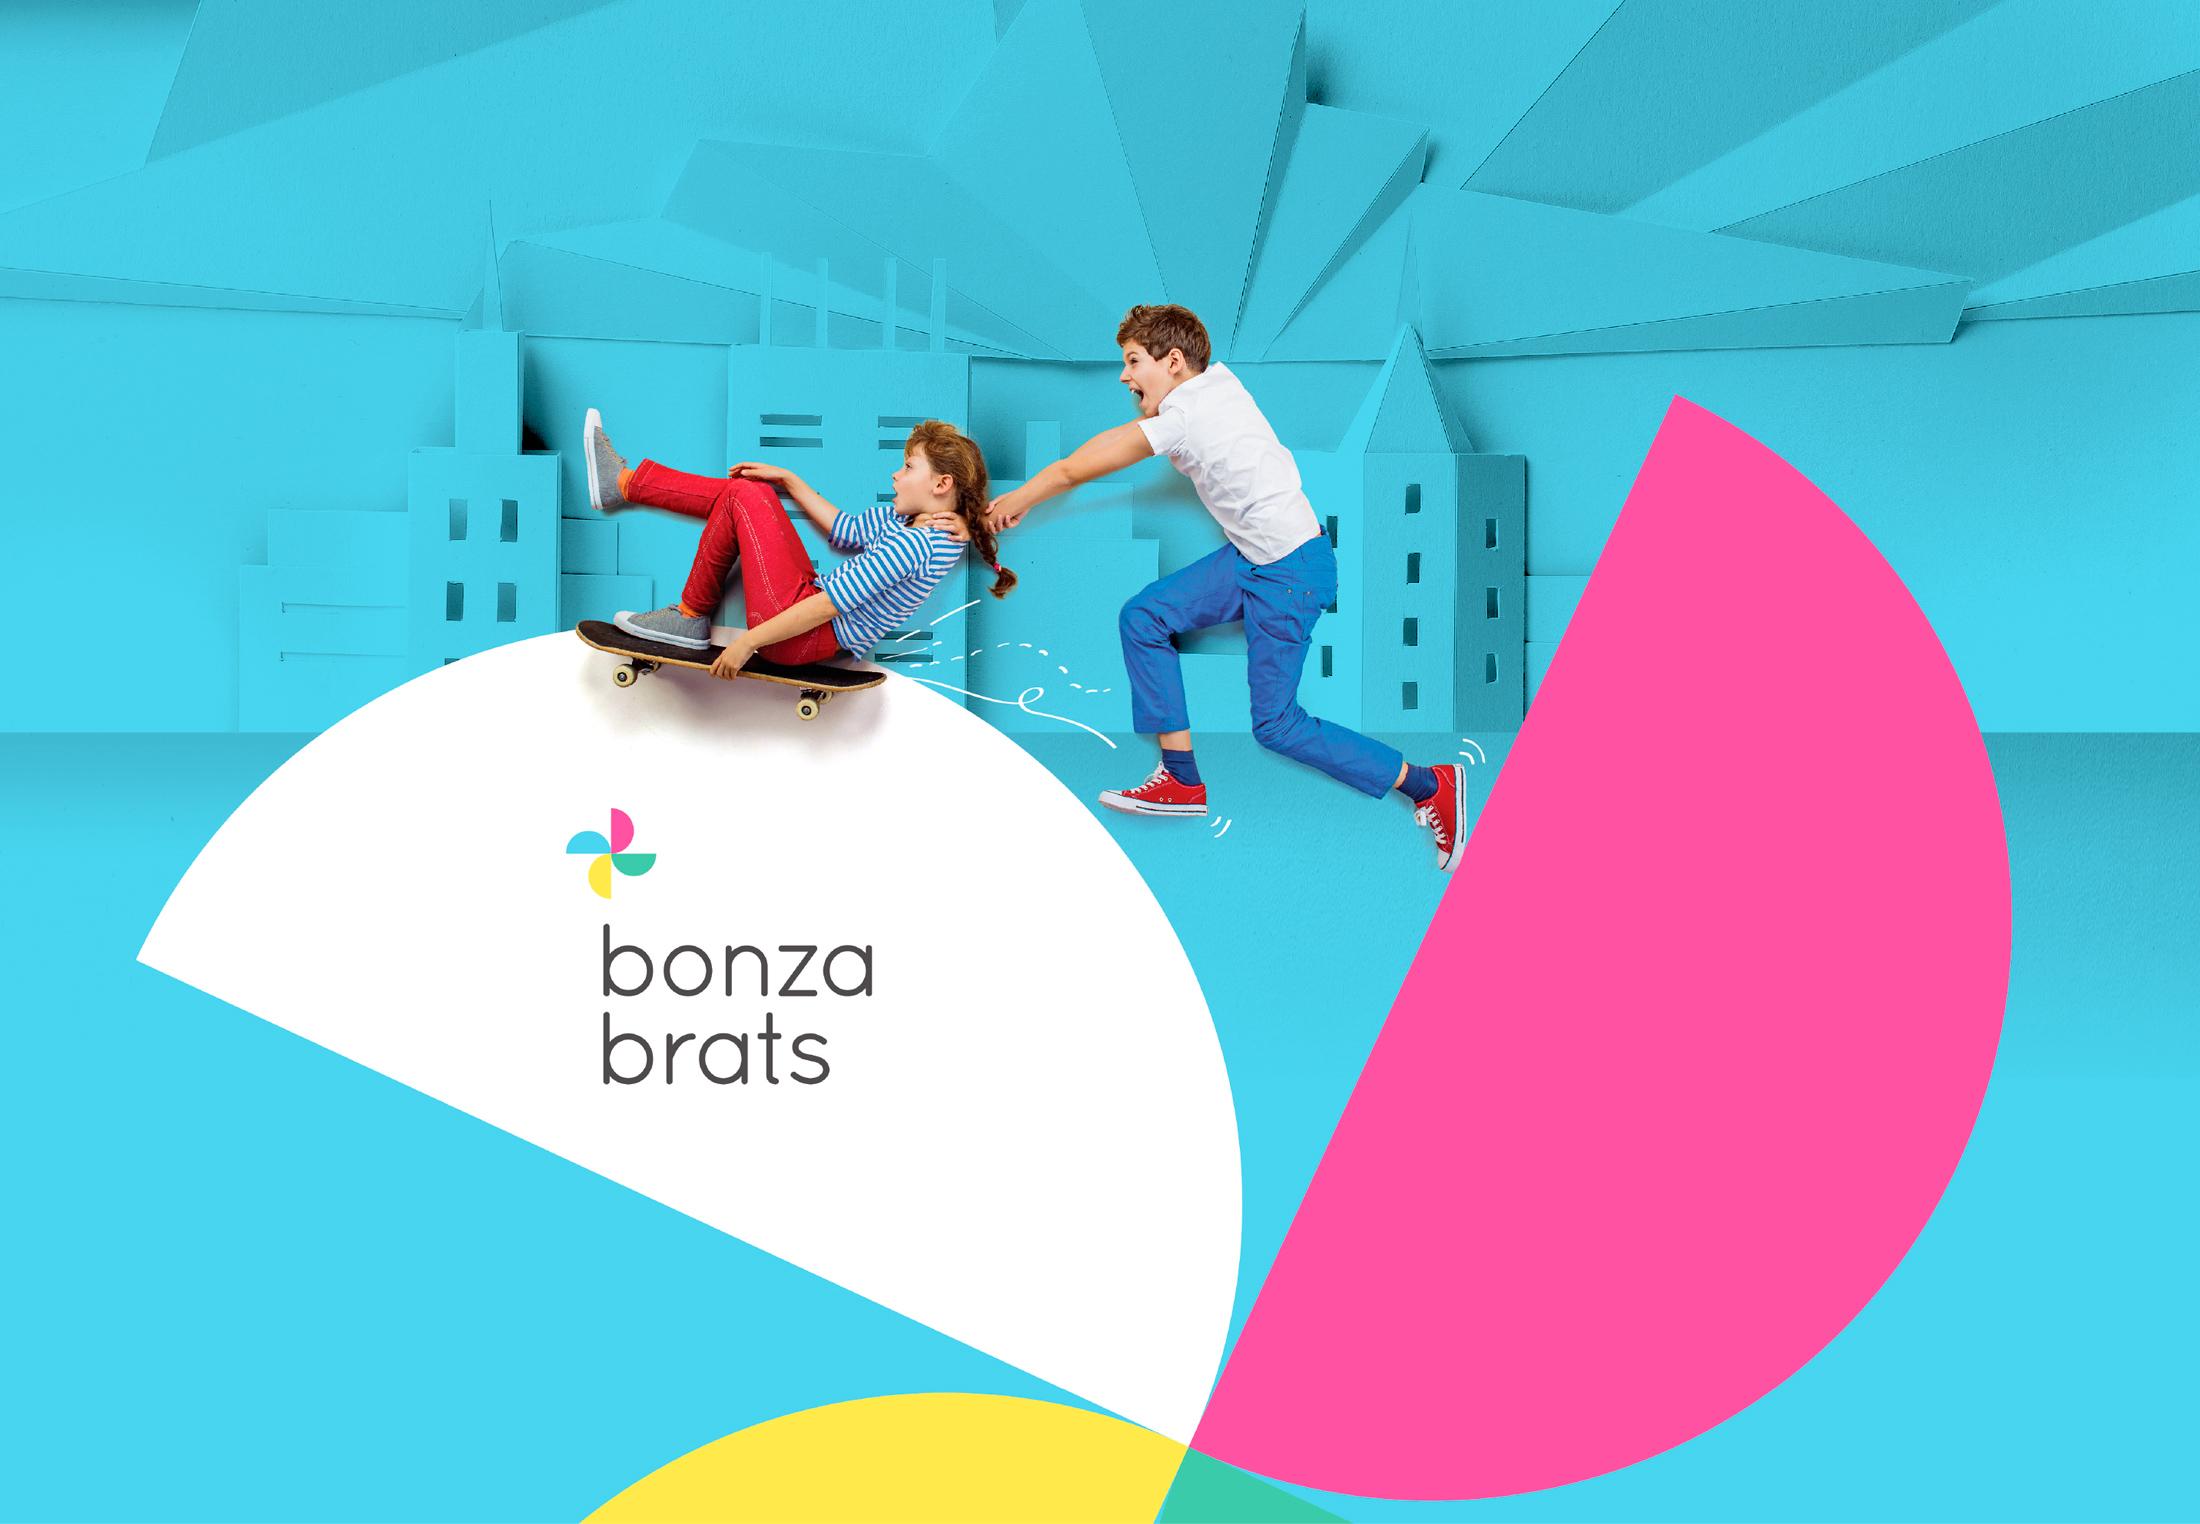 bonza-brats-bondi-retail-shop-brand-design-8